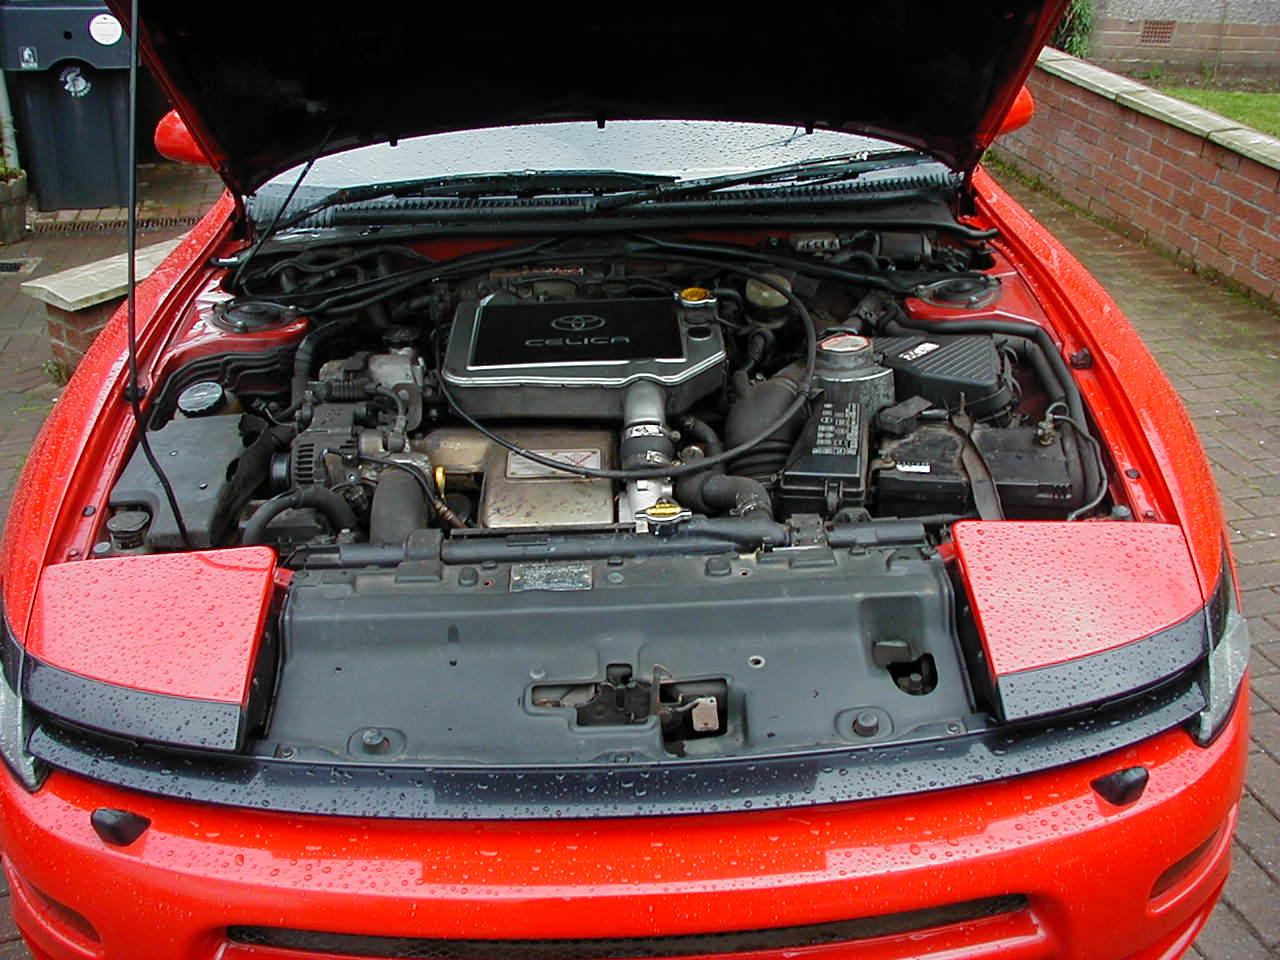 Toyota Celica GT4 Turbo Carlos Sainz